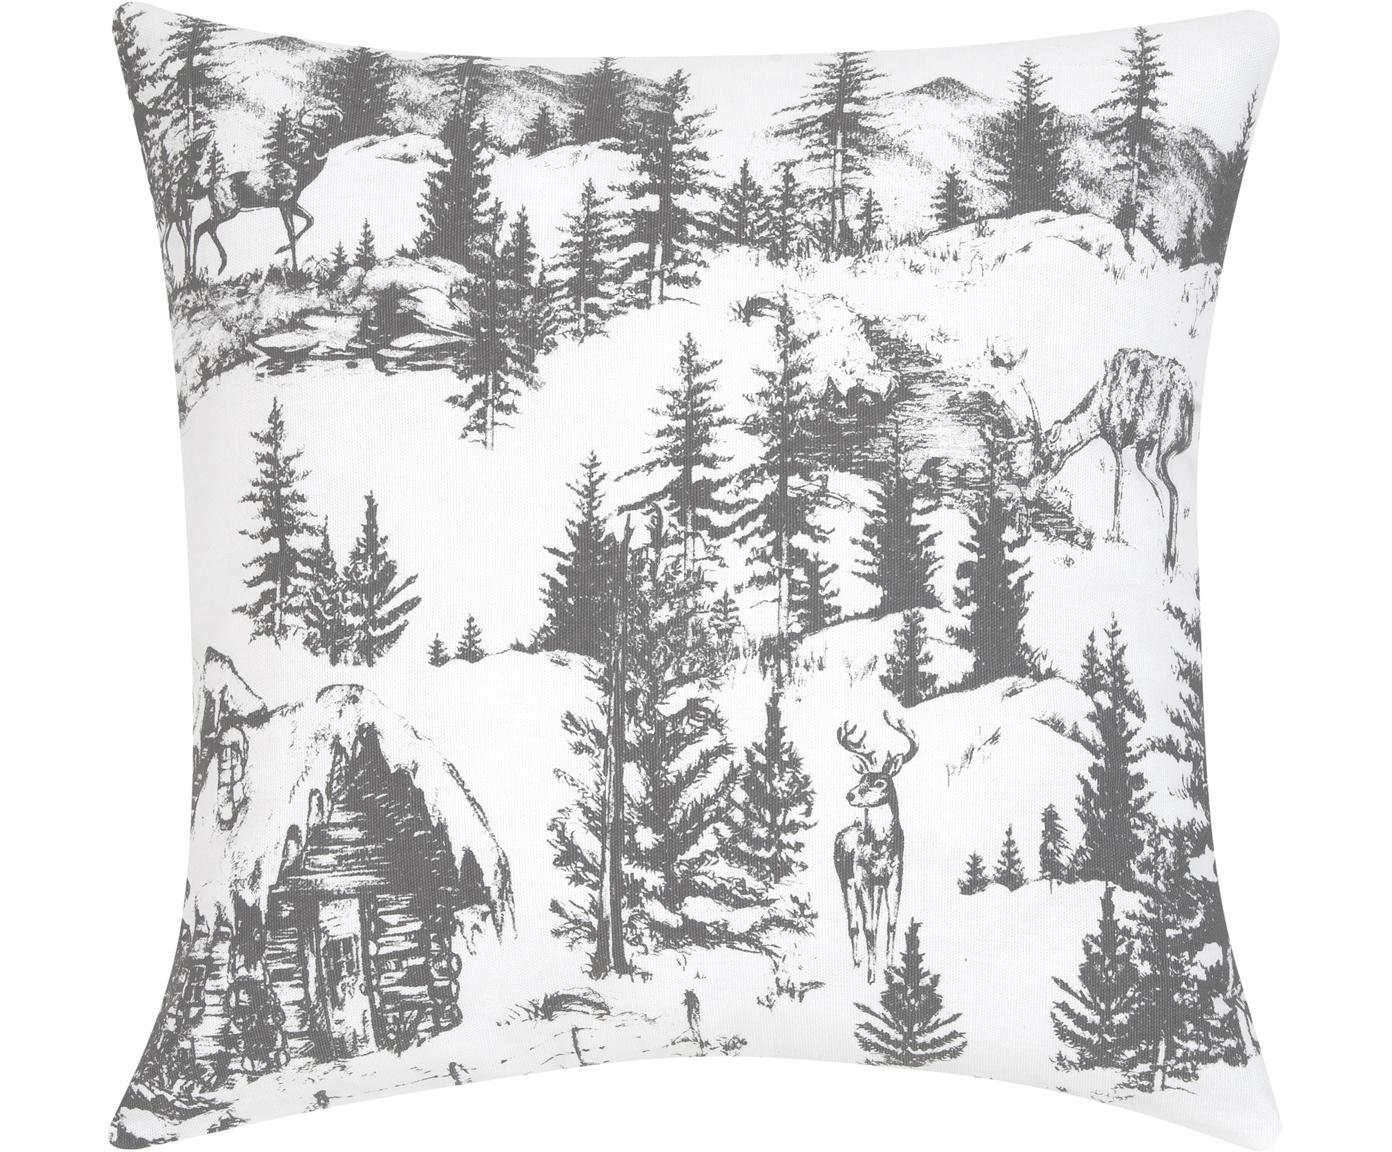 Kissenhülle Nordic mit winterlichem Motiv, Baumwolle, Dunkelgrau, Weiß, 40 x 40 cm